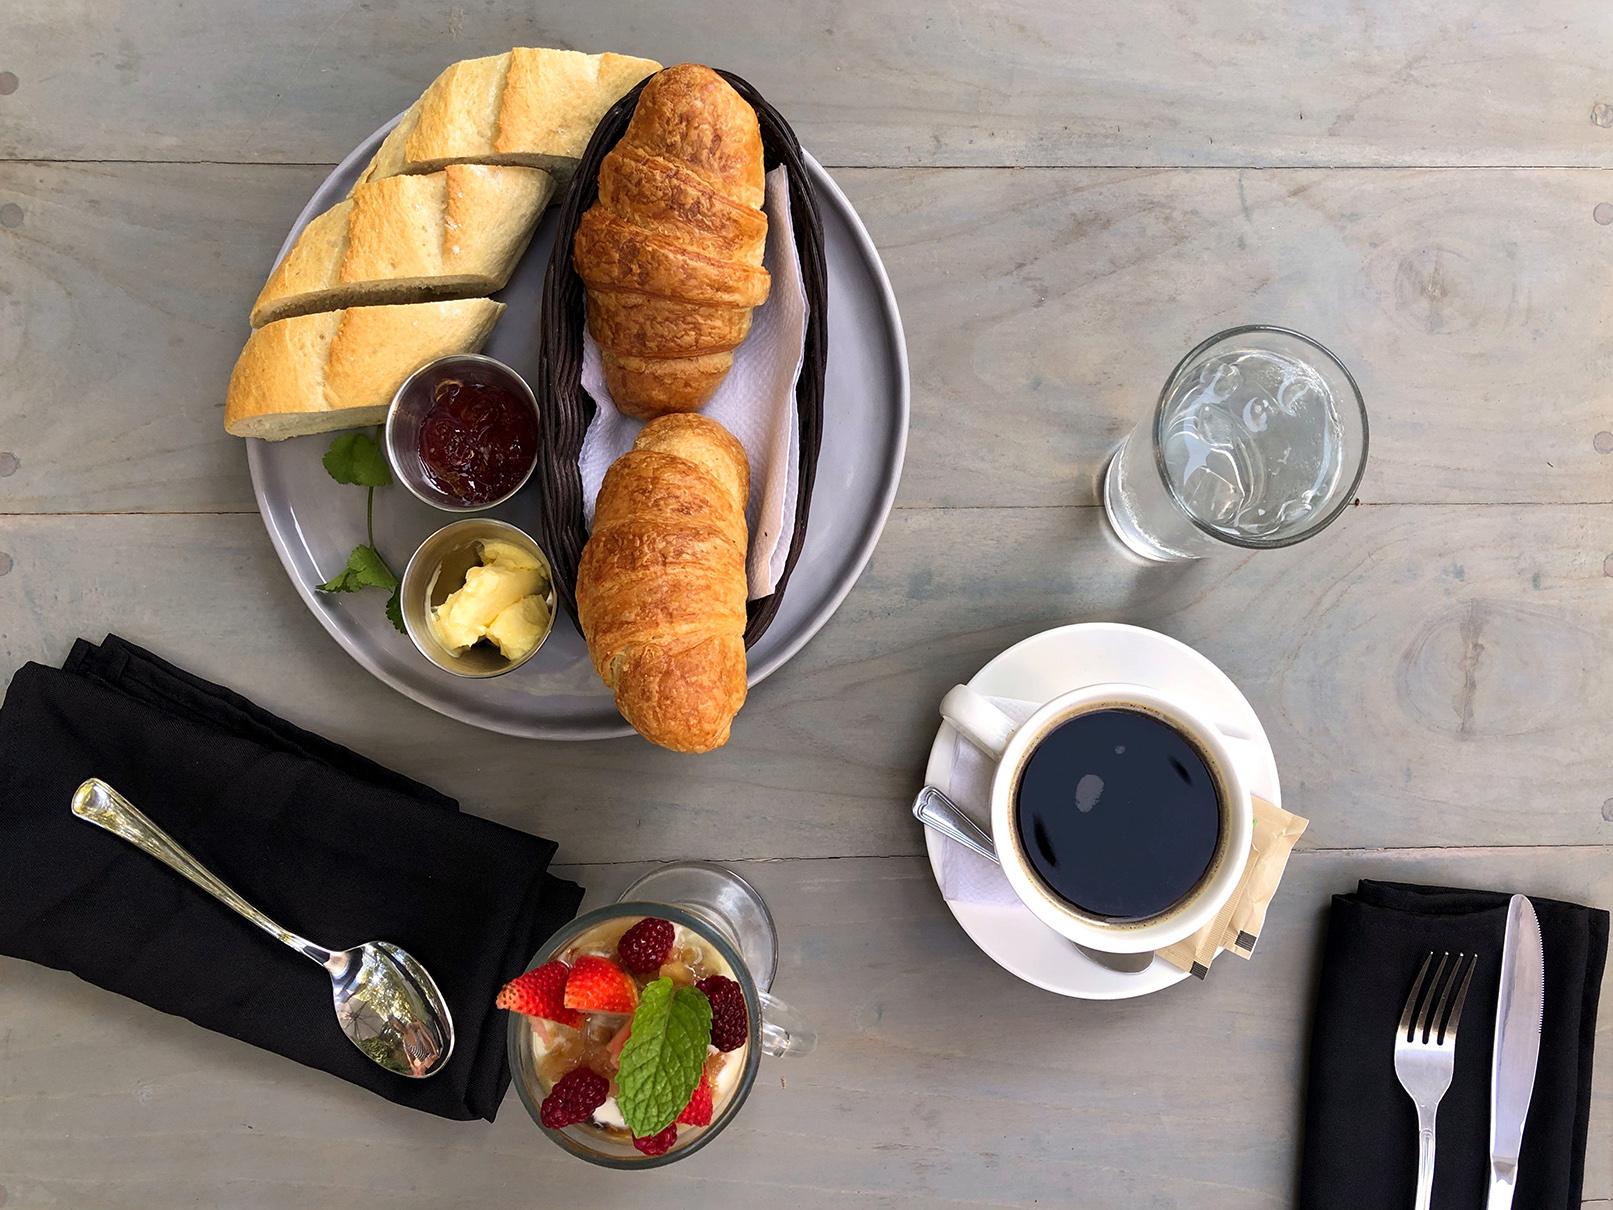 Cafe de paris restaurant nosara